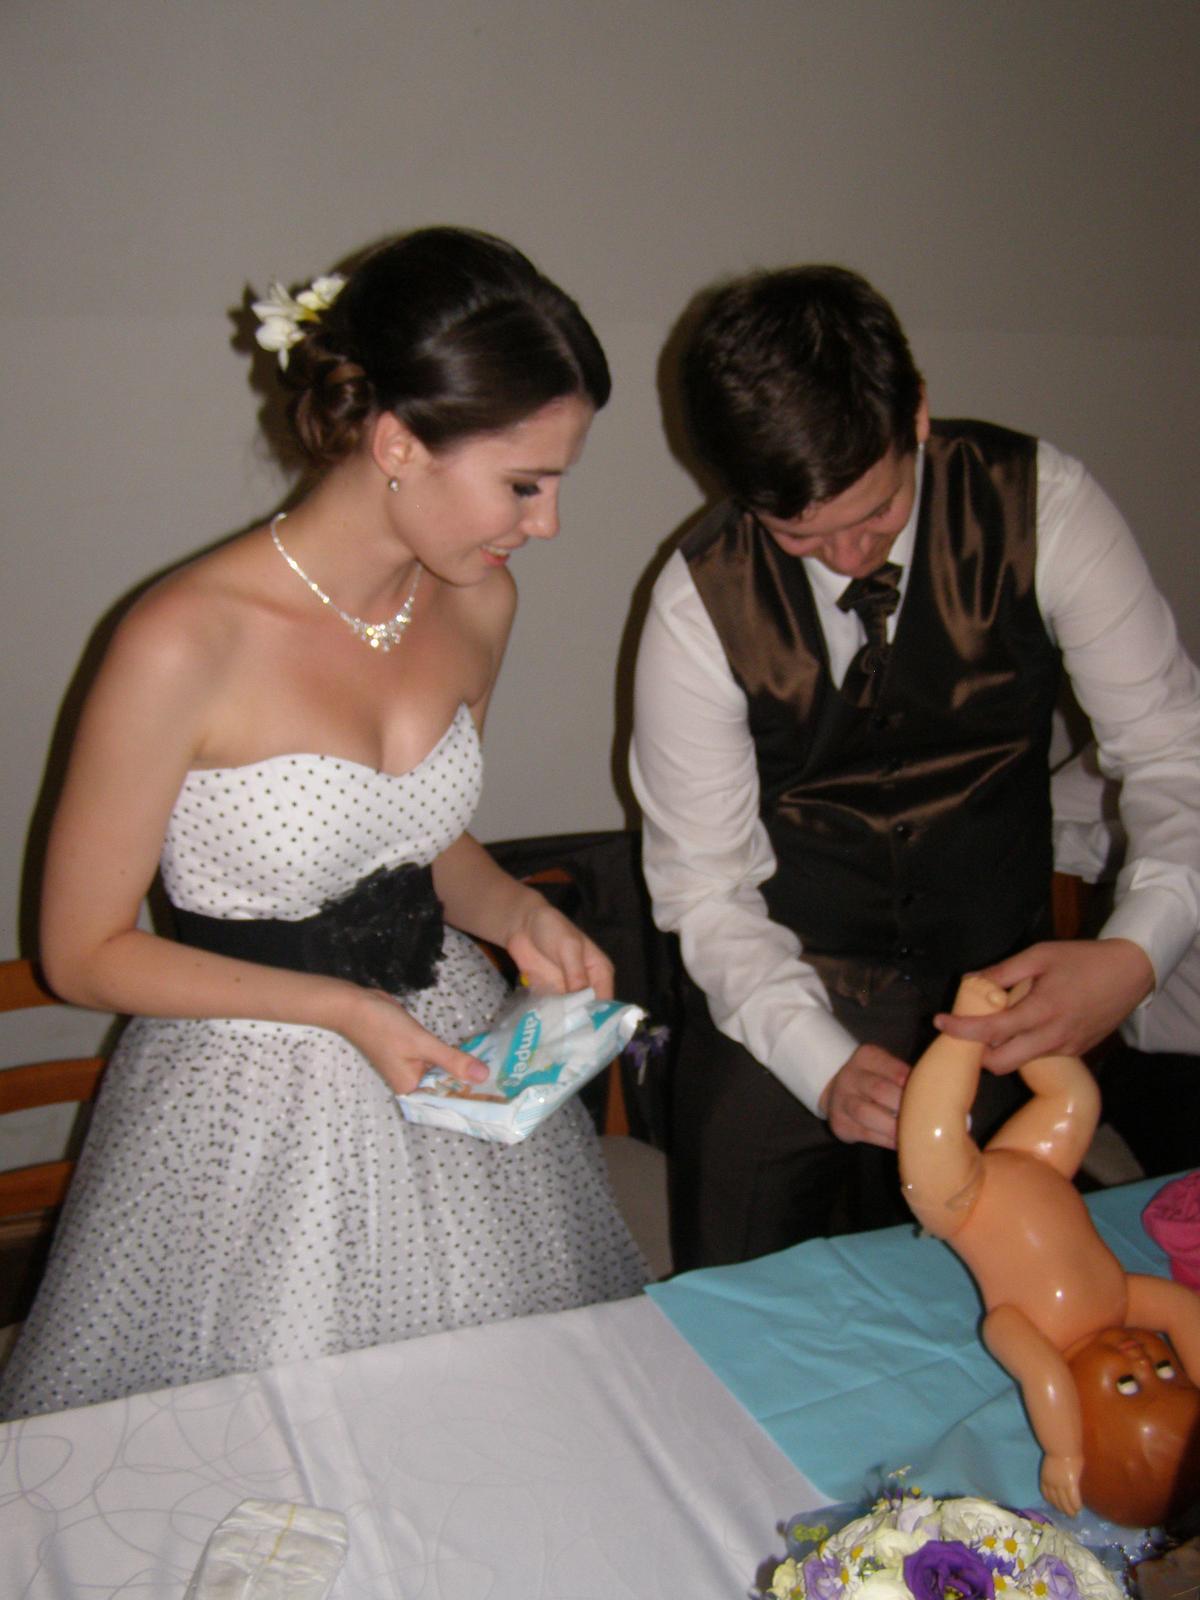 Pivovar Podlesí - svatba 2.9.2016 - ... zvládne li manžel péči o potomstvo je potřeba řádně prověřit..  :o)